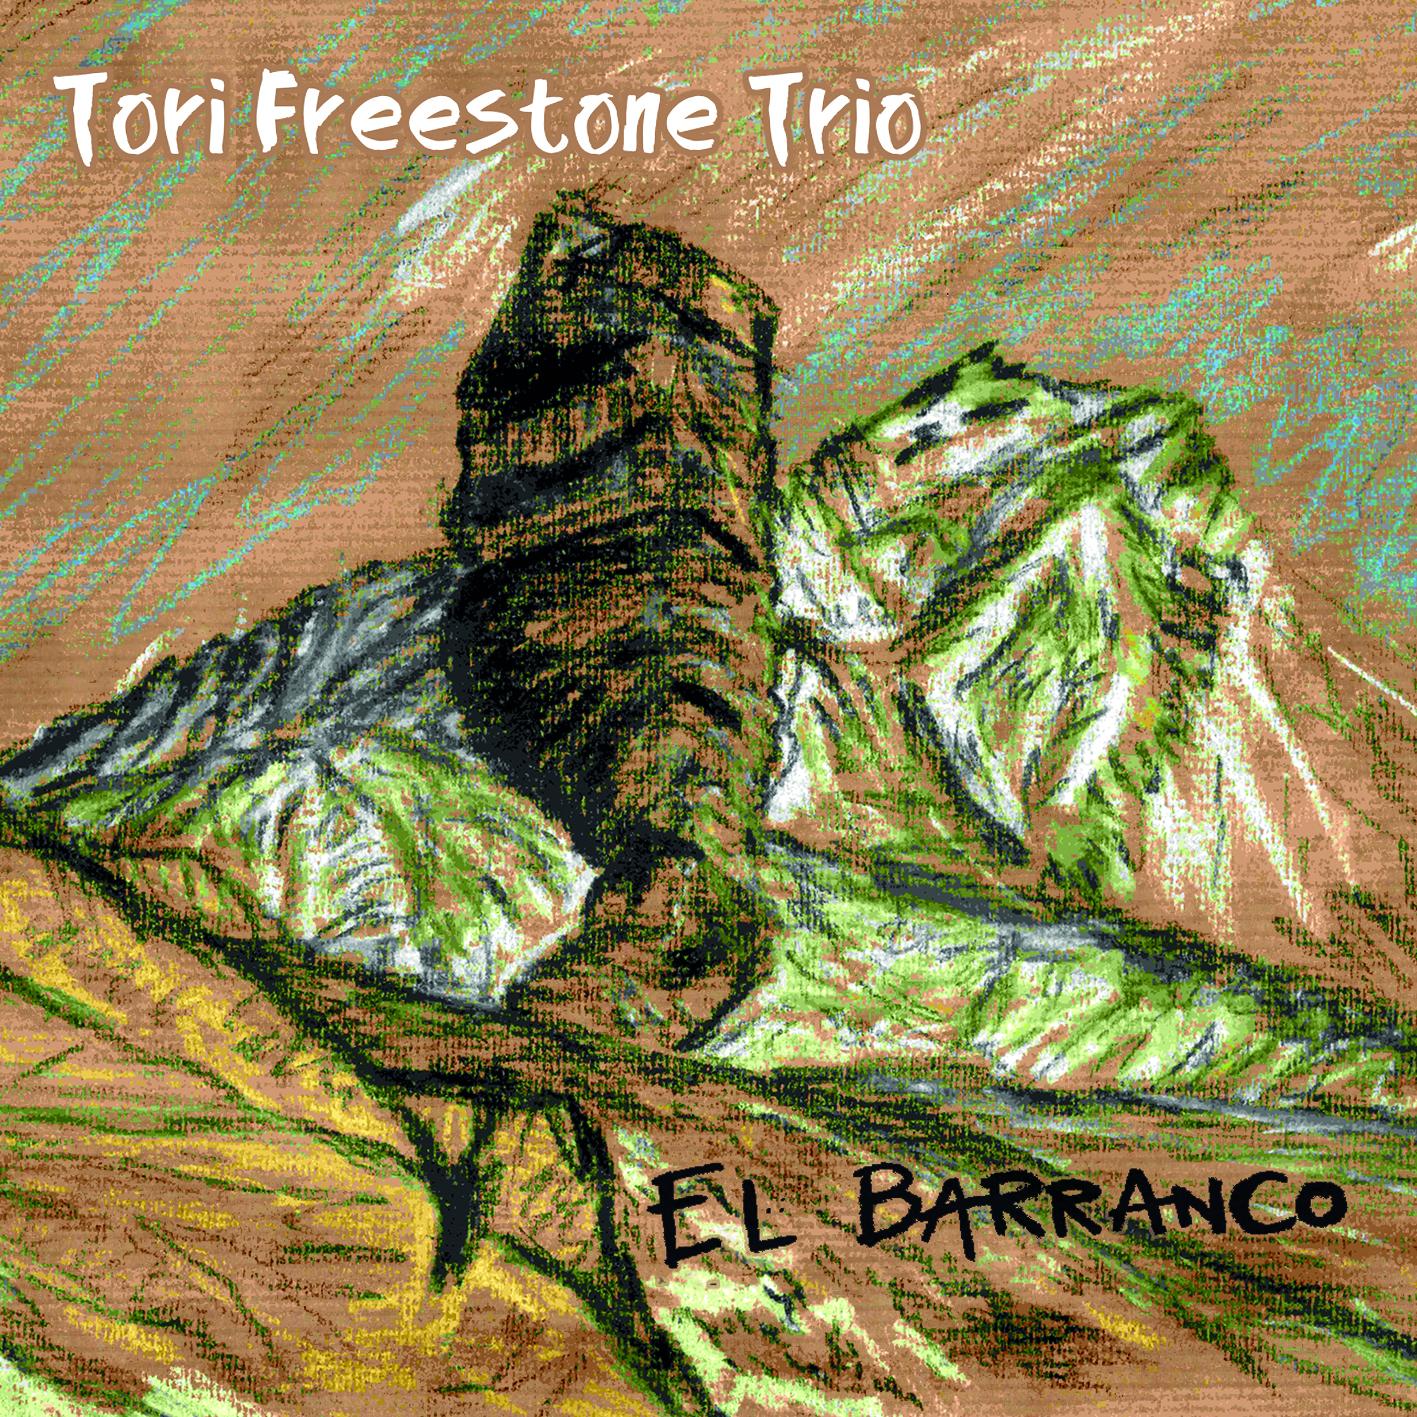 El Barranco Cover Photo.jpg